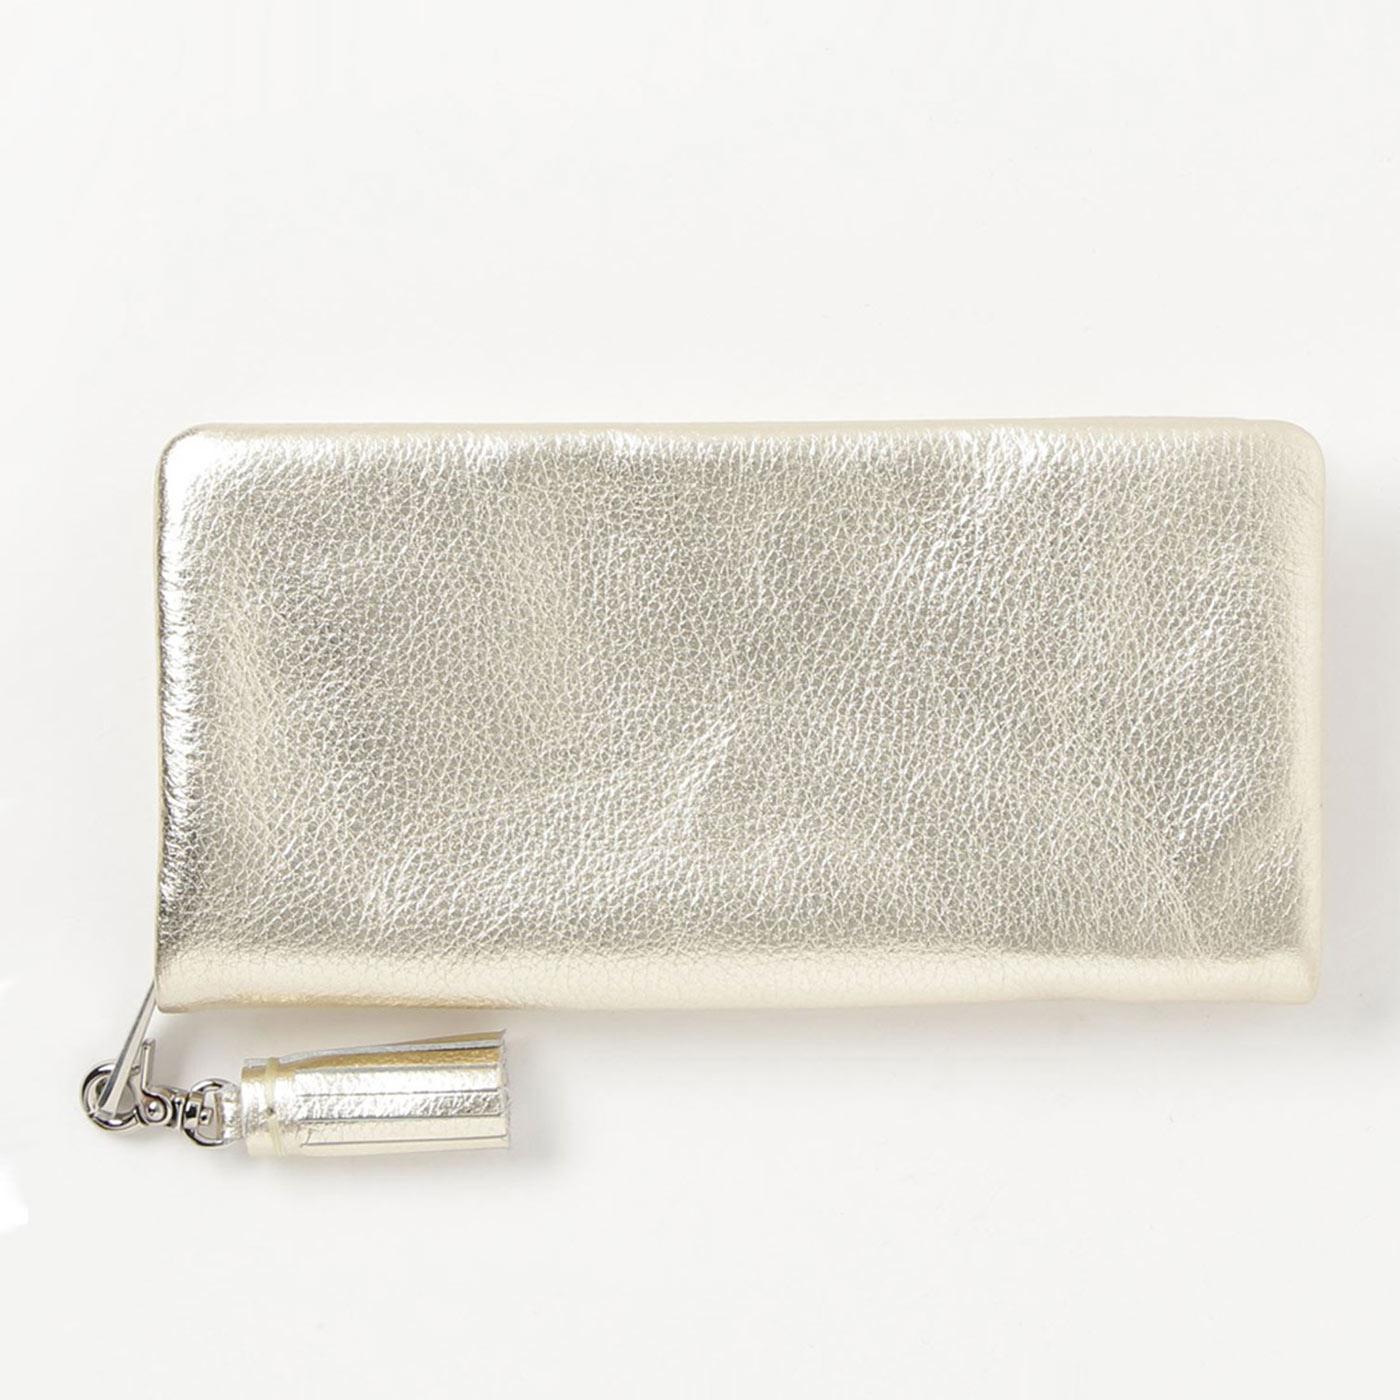 フェリシモ IEDIT[イディット] SELECT やわらかマットレザーで手になじむ 長く使いこみたい本革長財布〈ゴールド〉